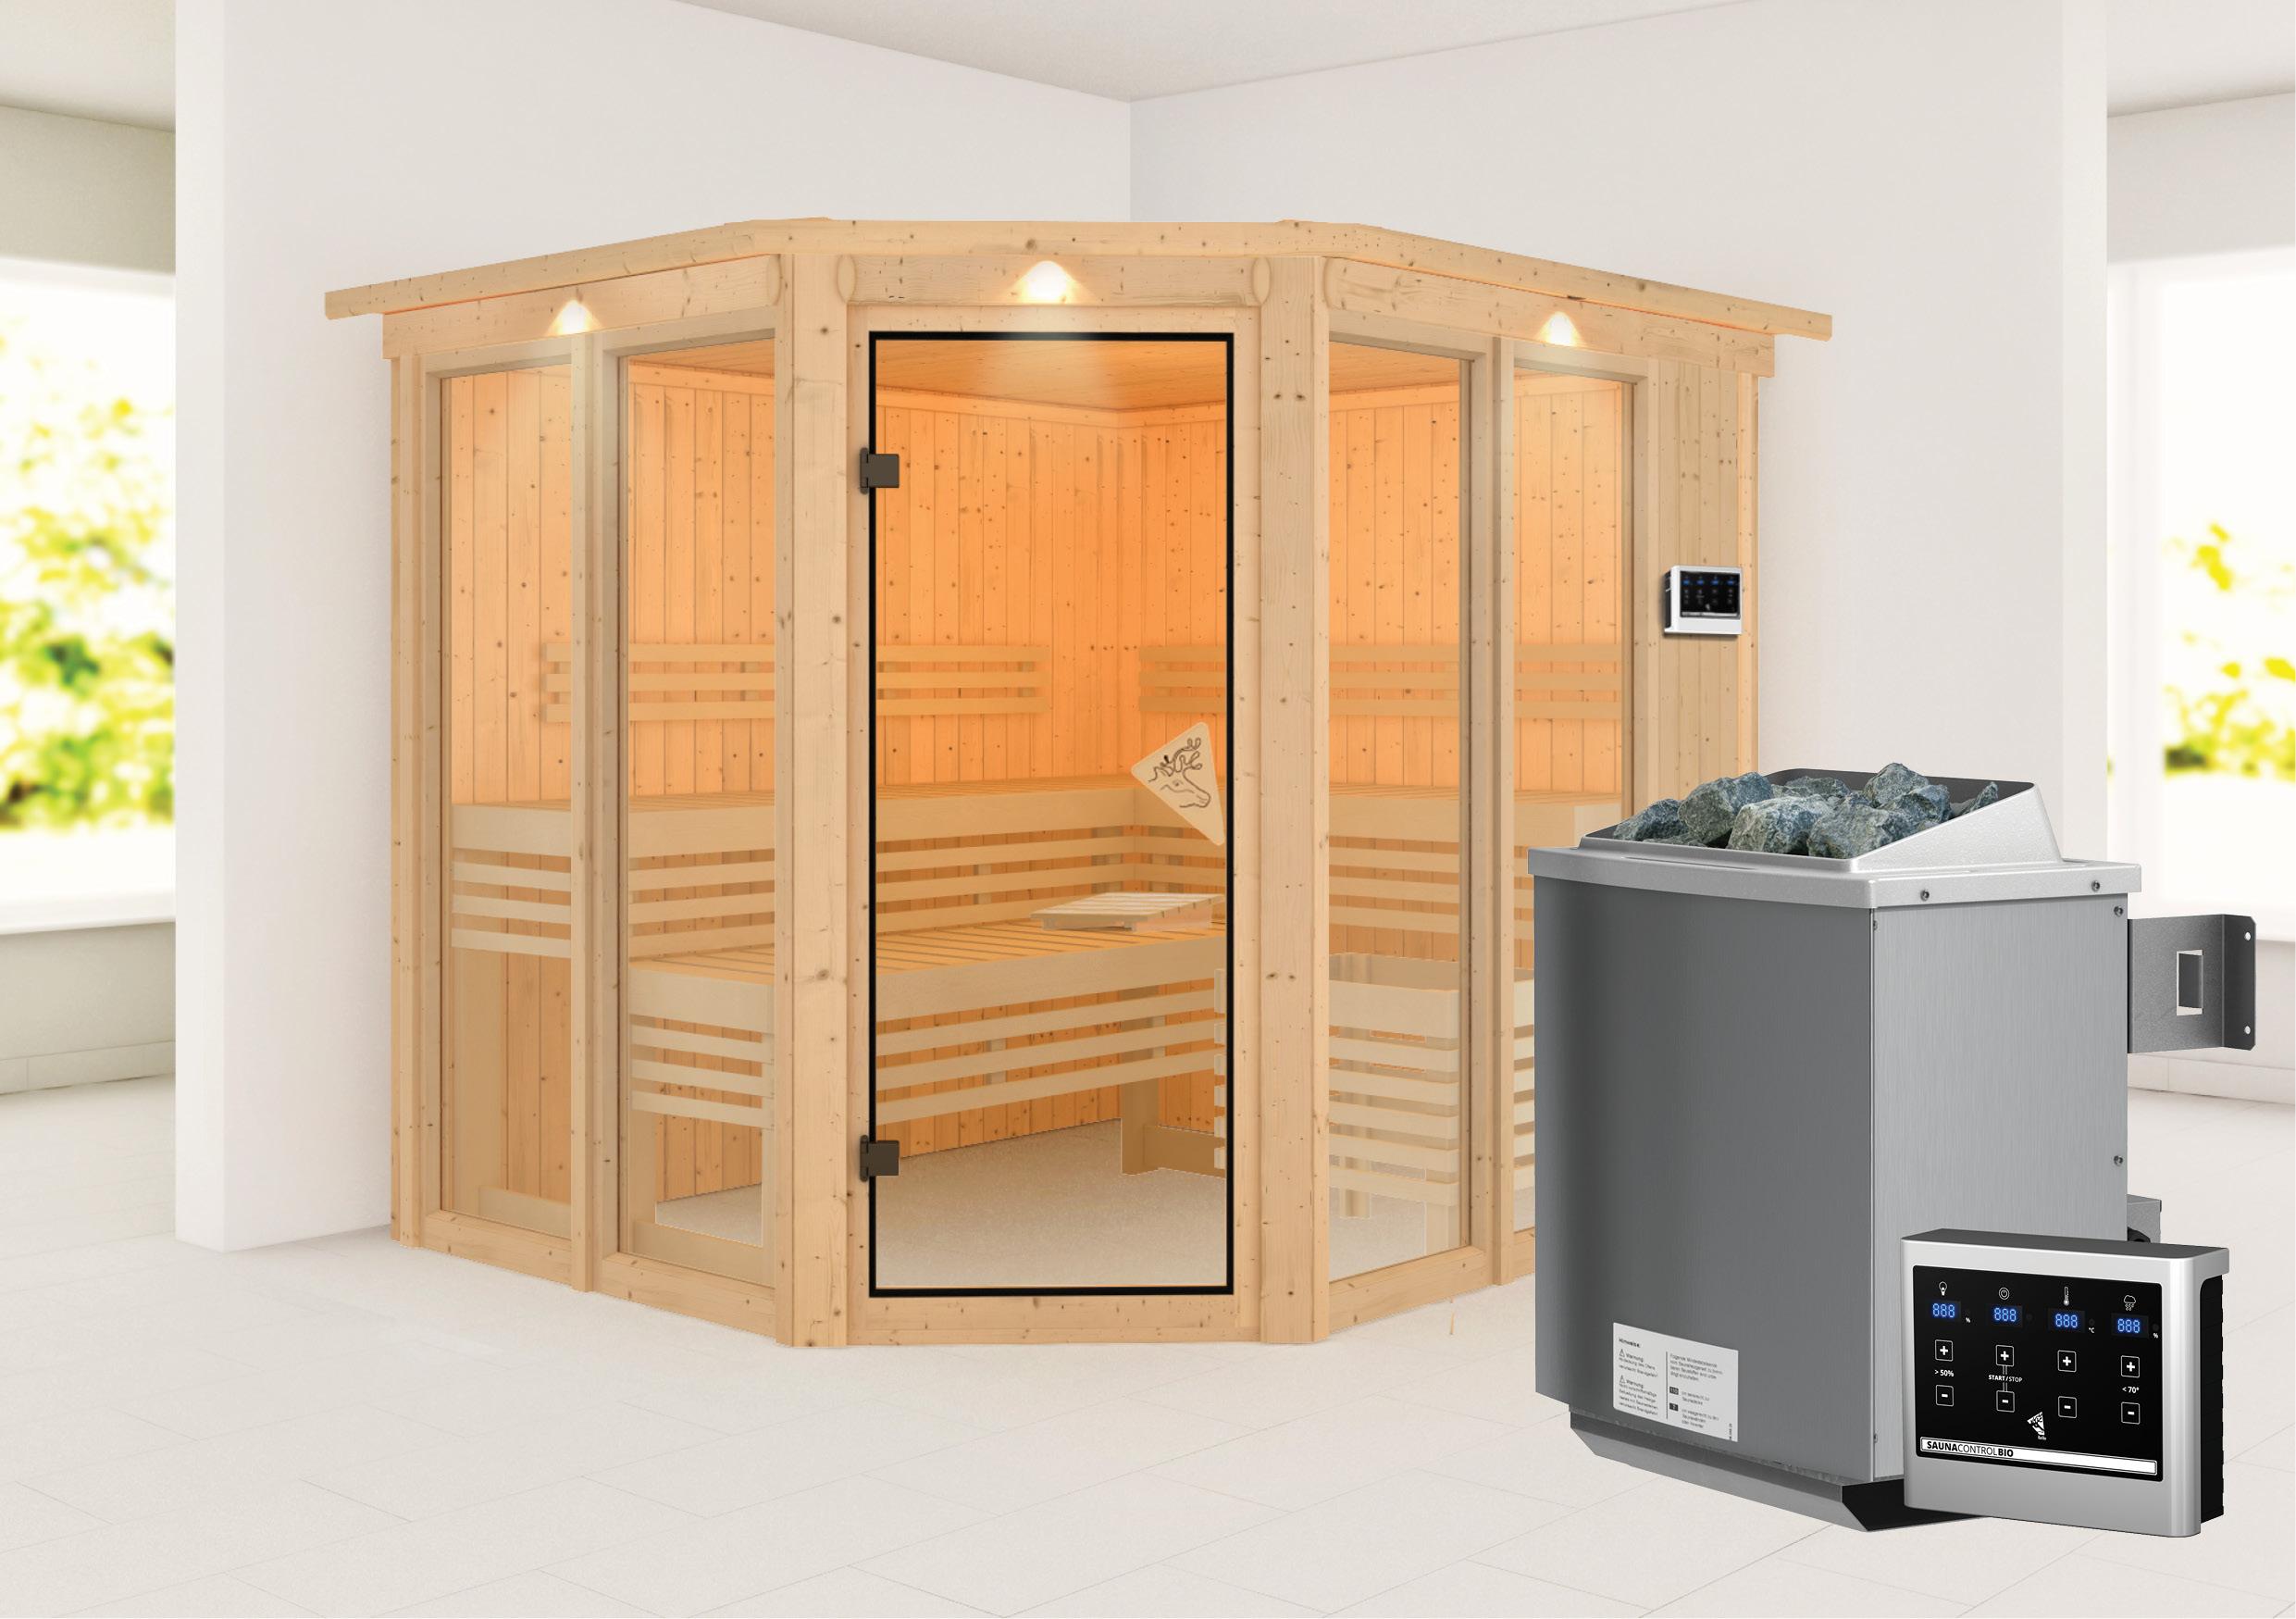 Karibu Sauna Ainur 68mm Superior Kranz Bio Saunaofen 9kW extern Bild 1